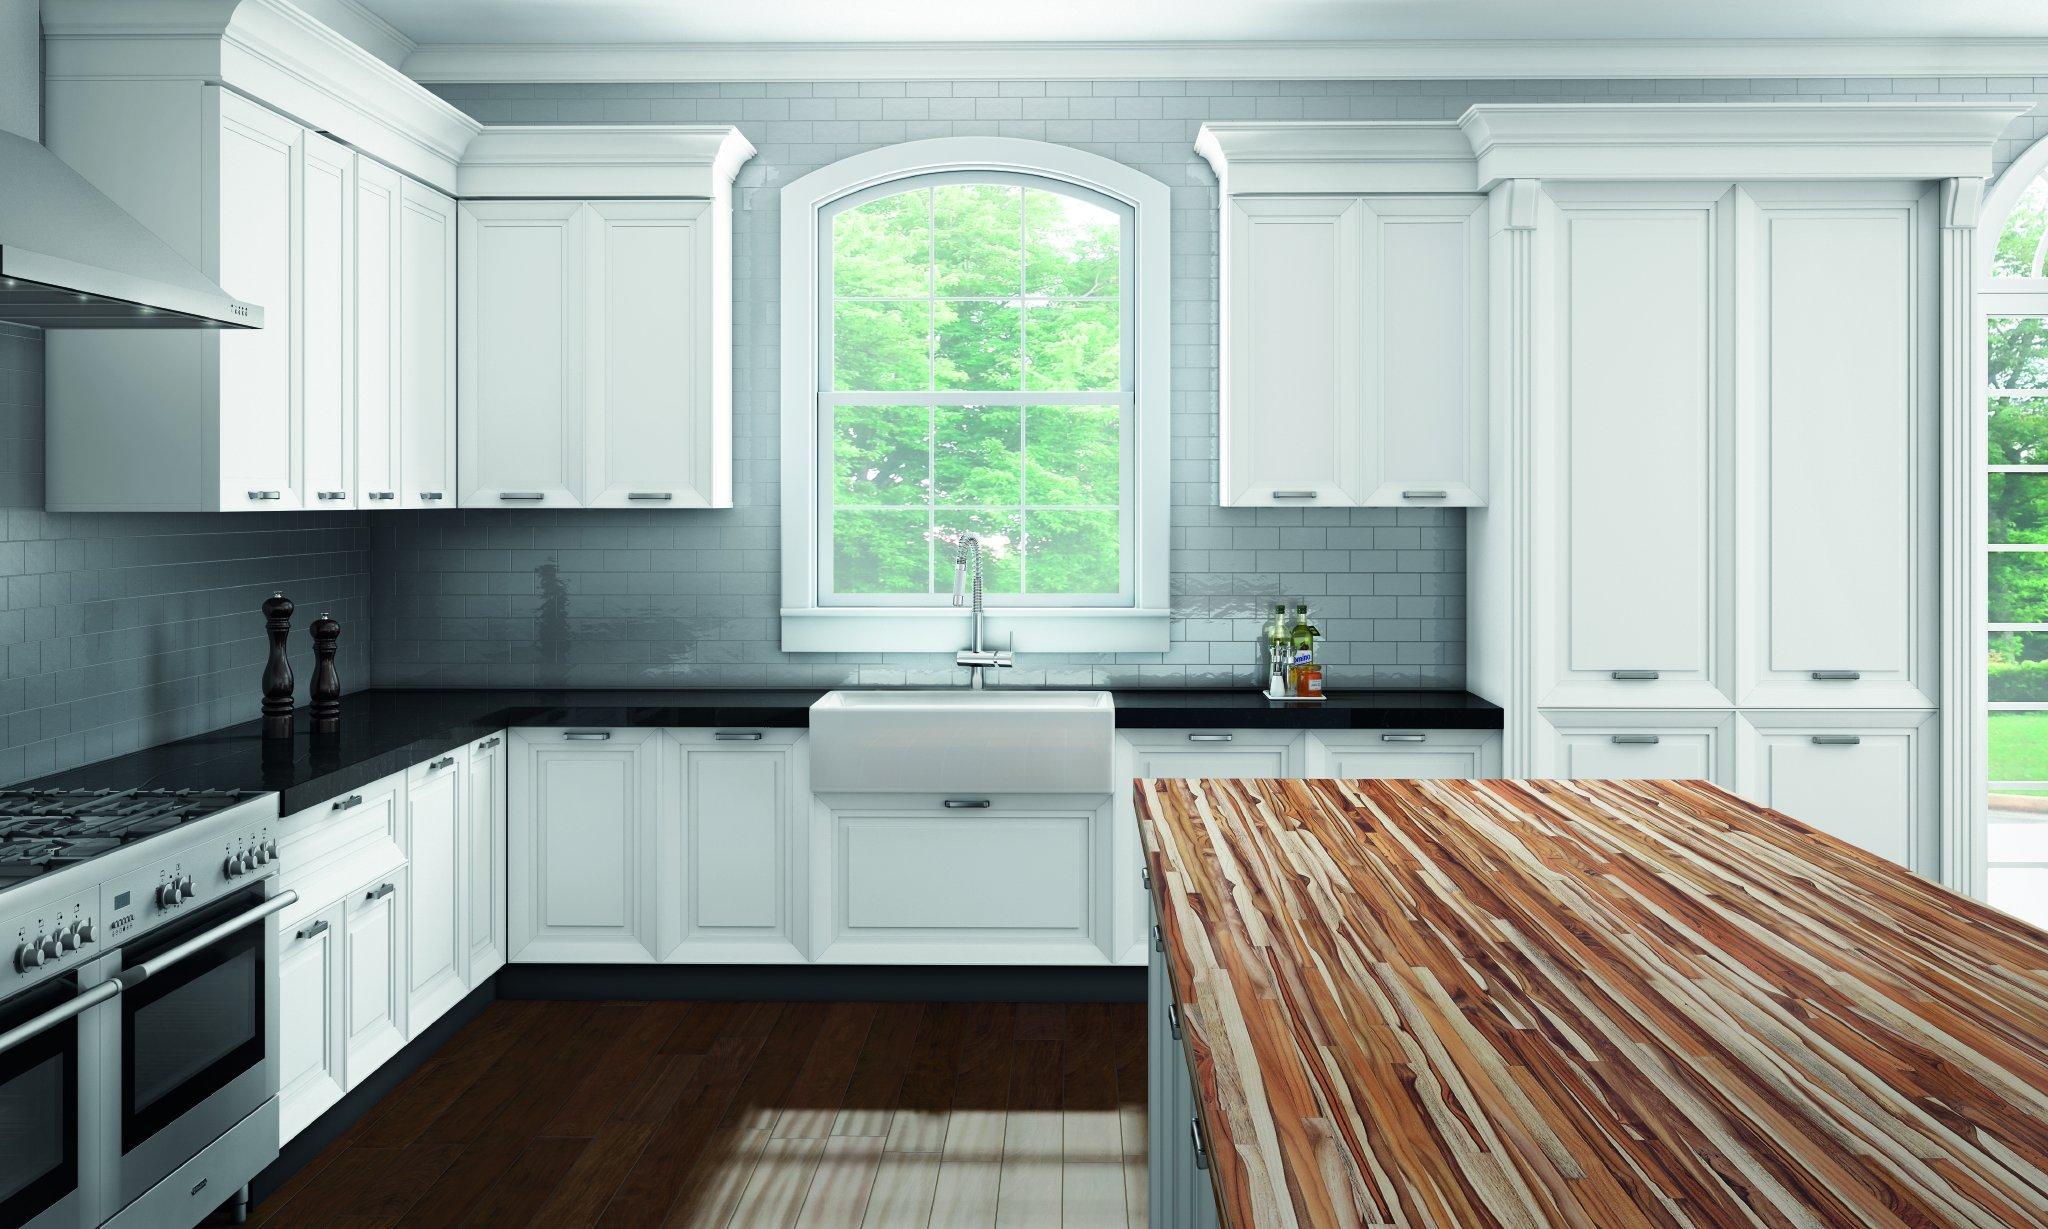 butcher block countertop. wood butcher block countertop in